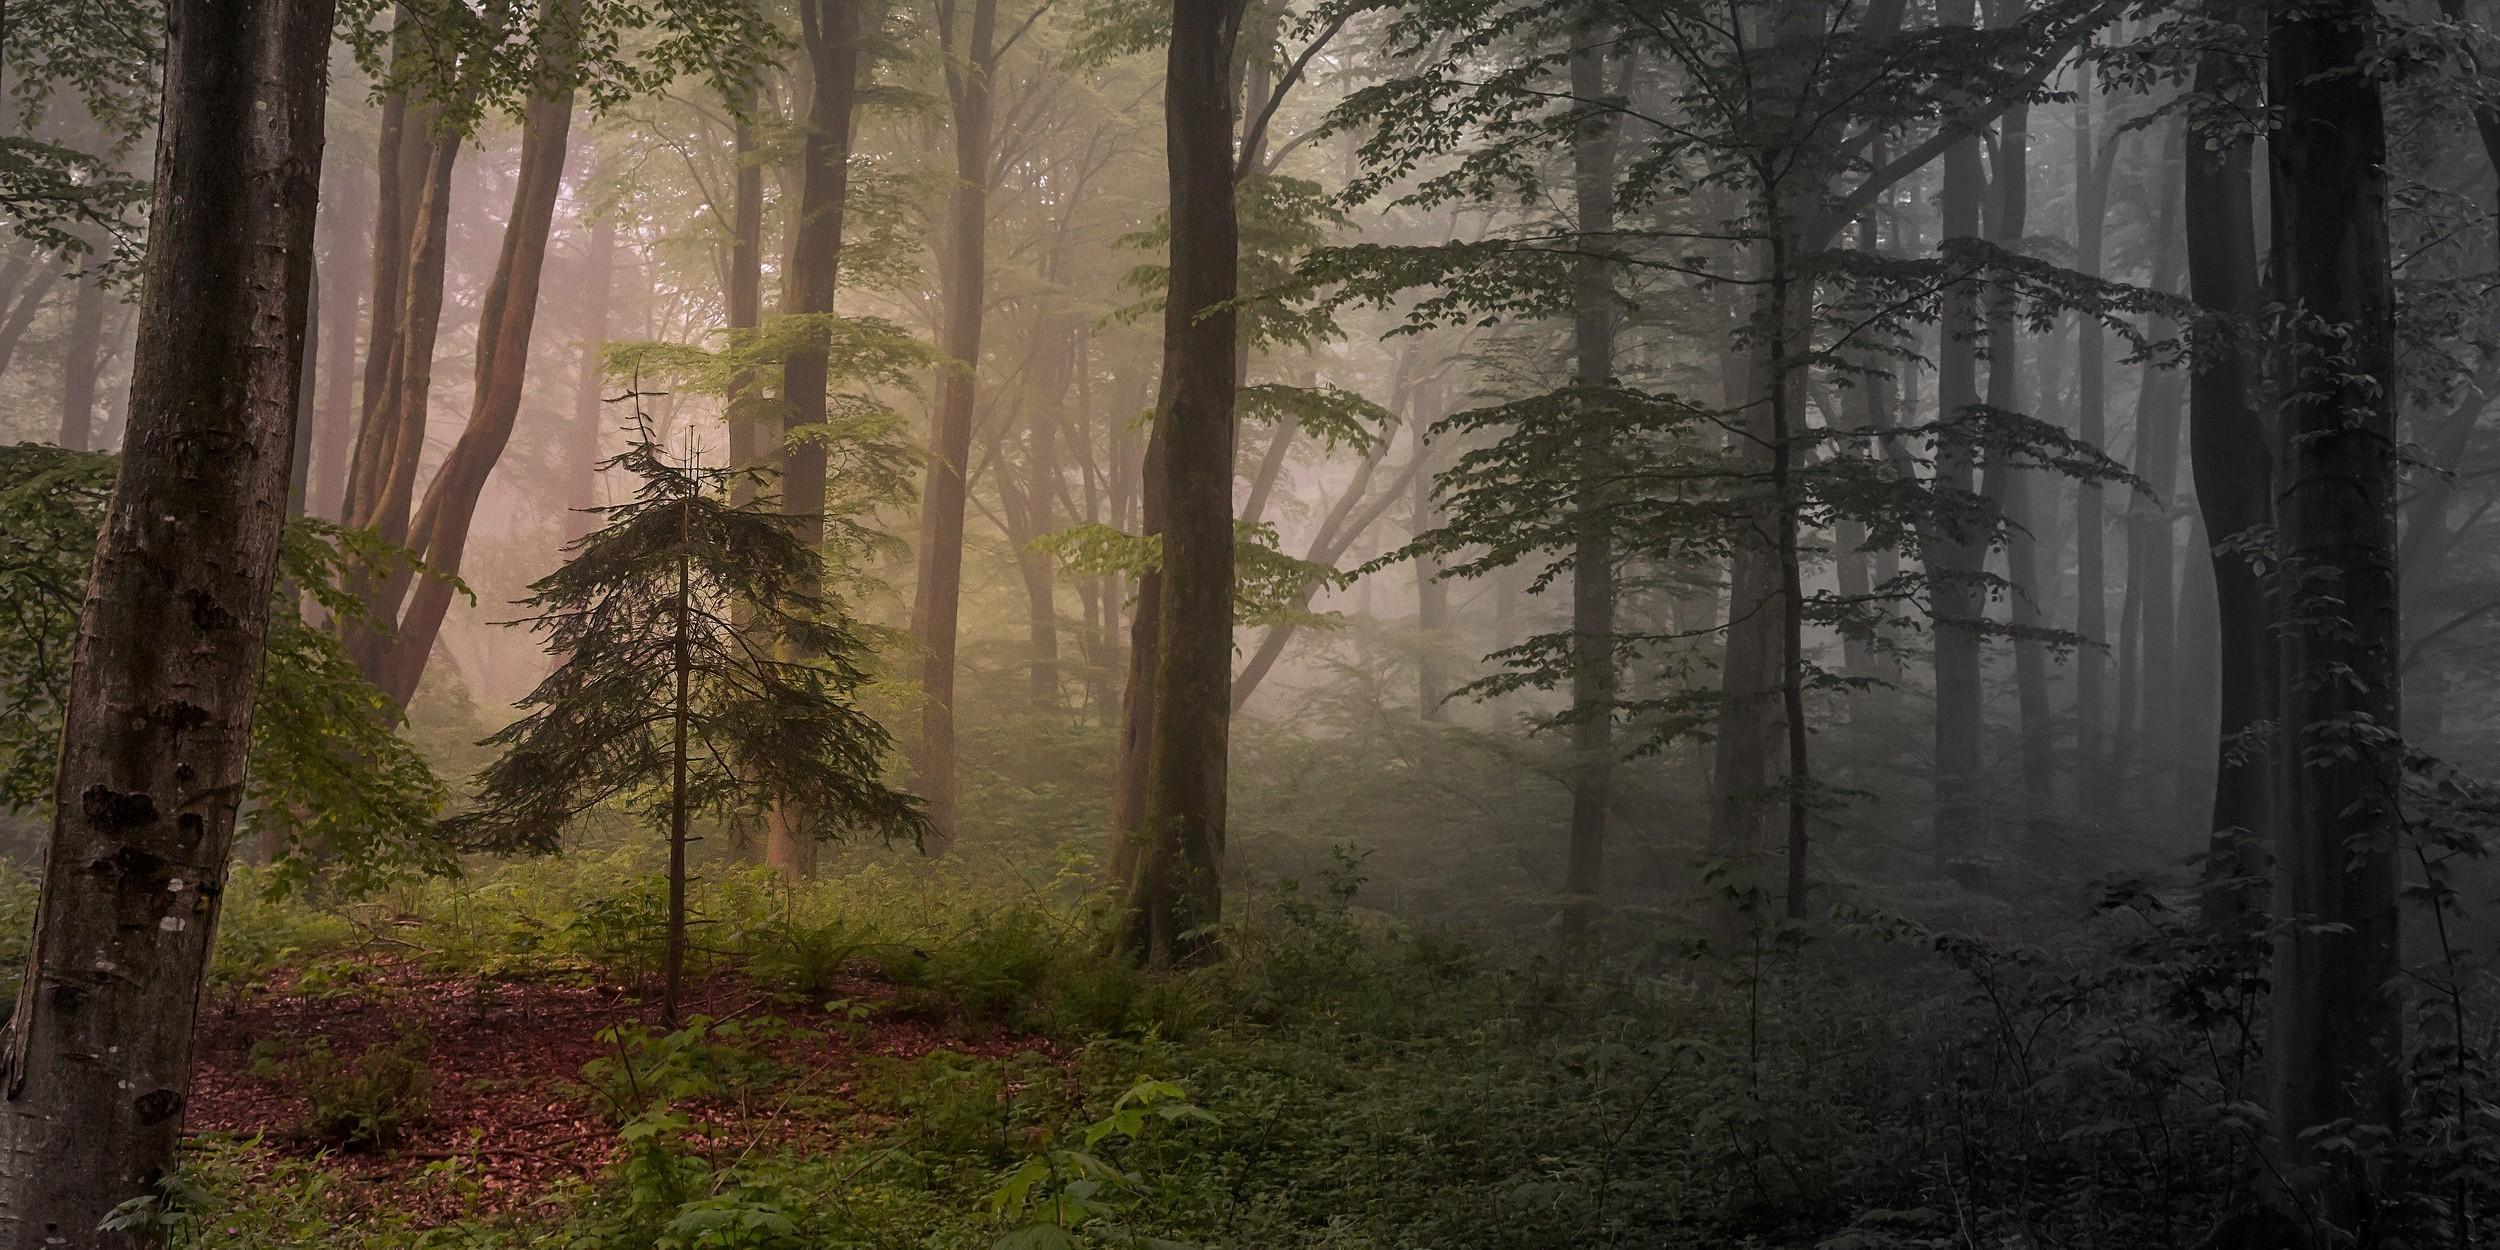 обои на рабочий стол лес в тумане мрачноватый штукатурки это